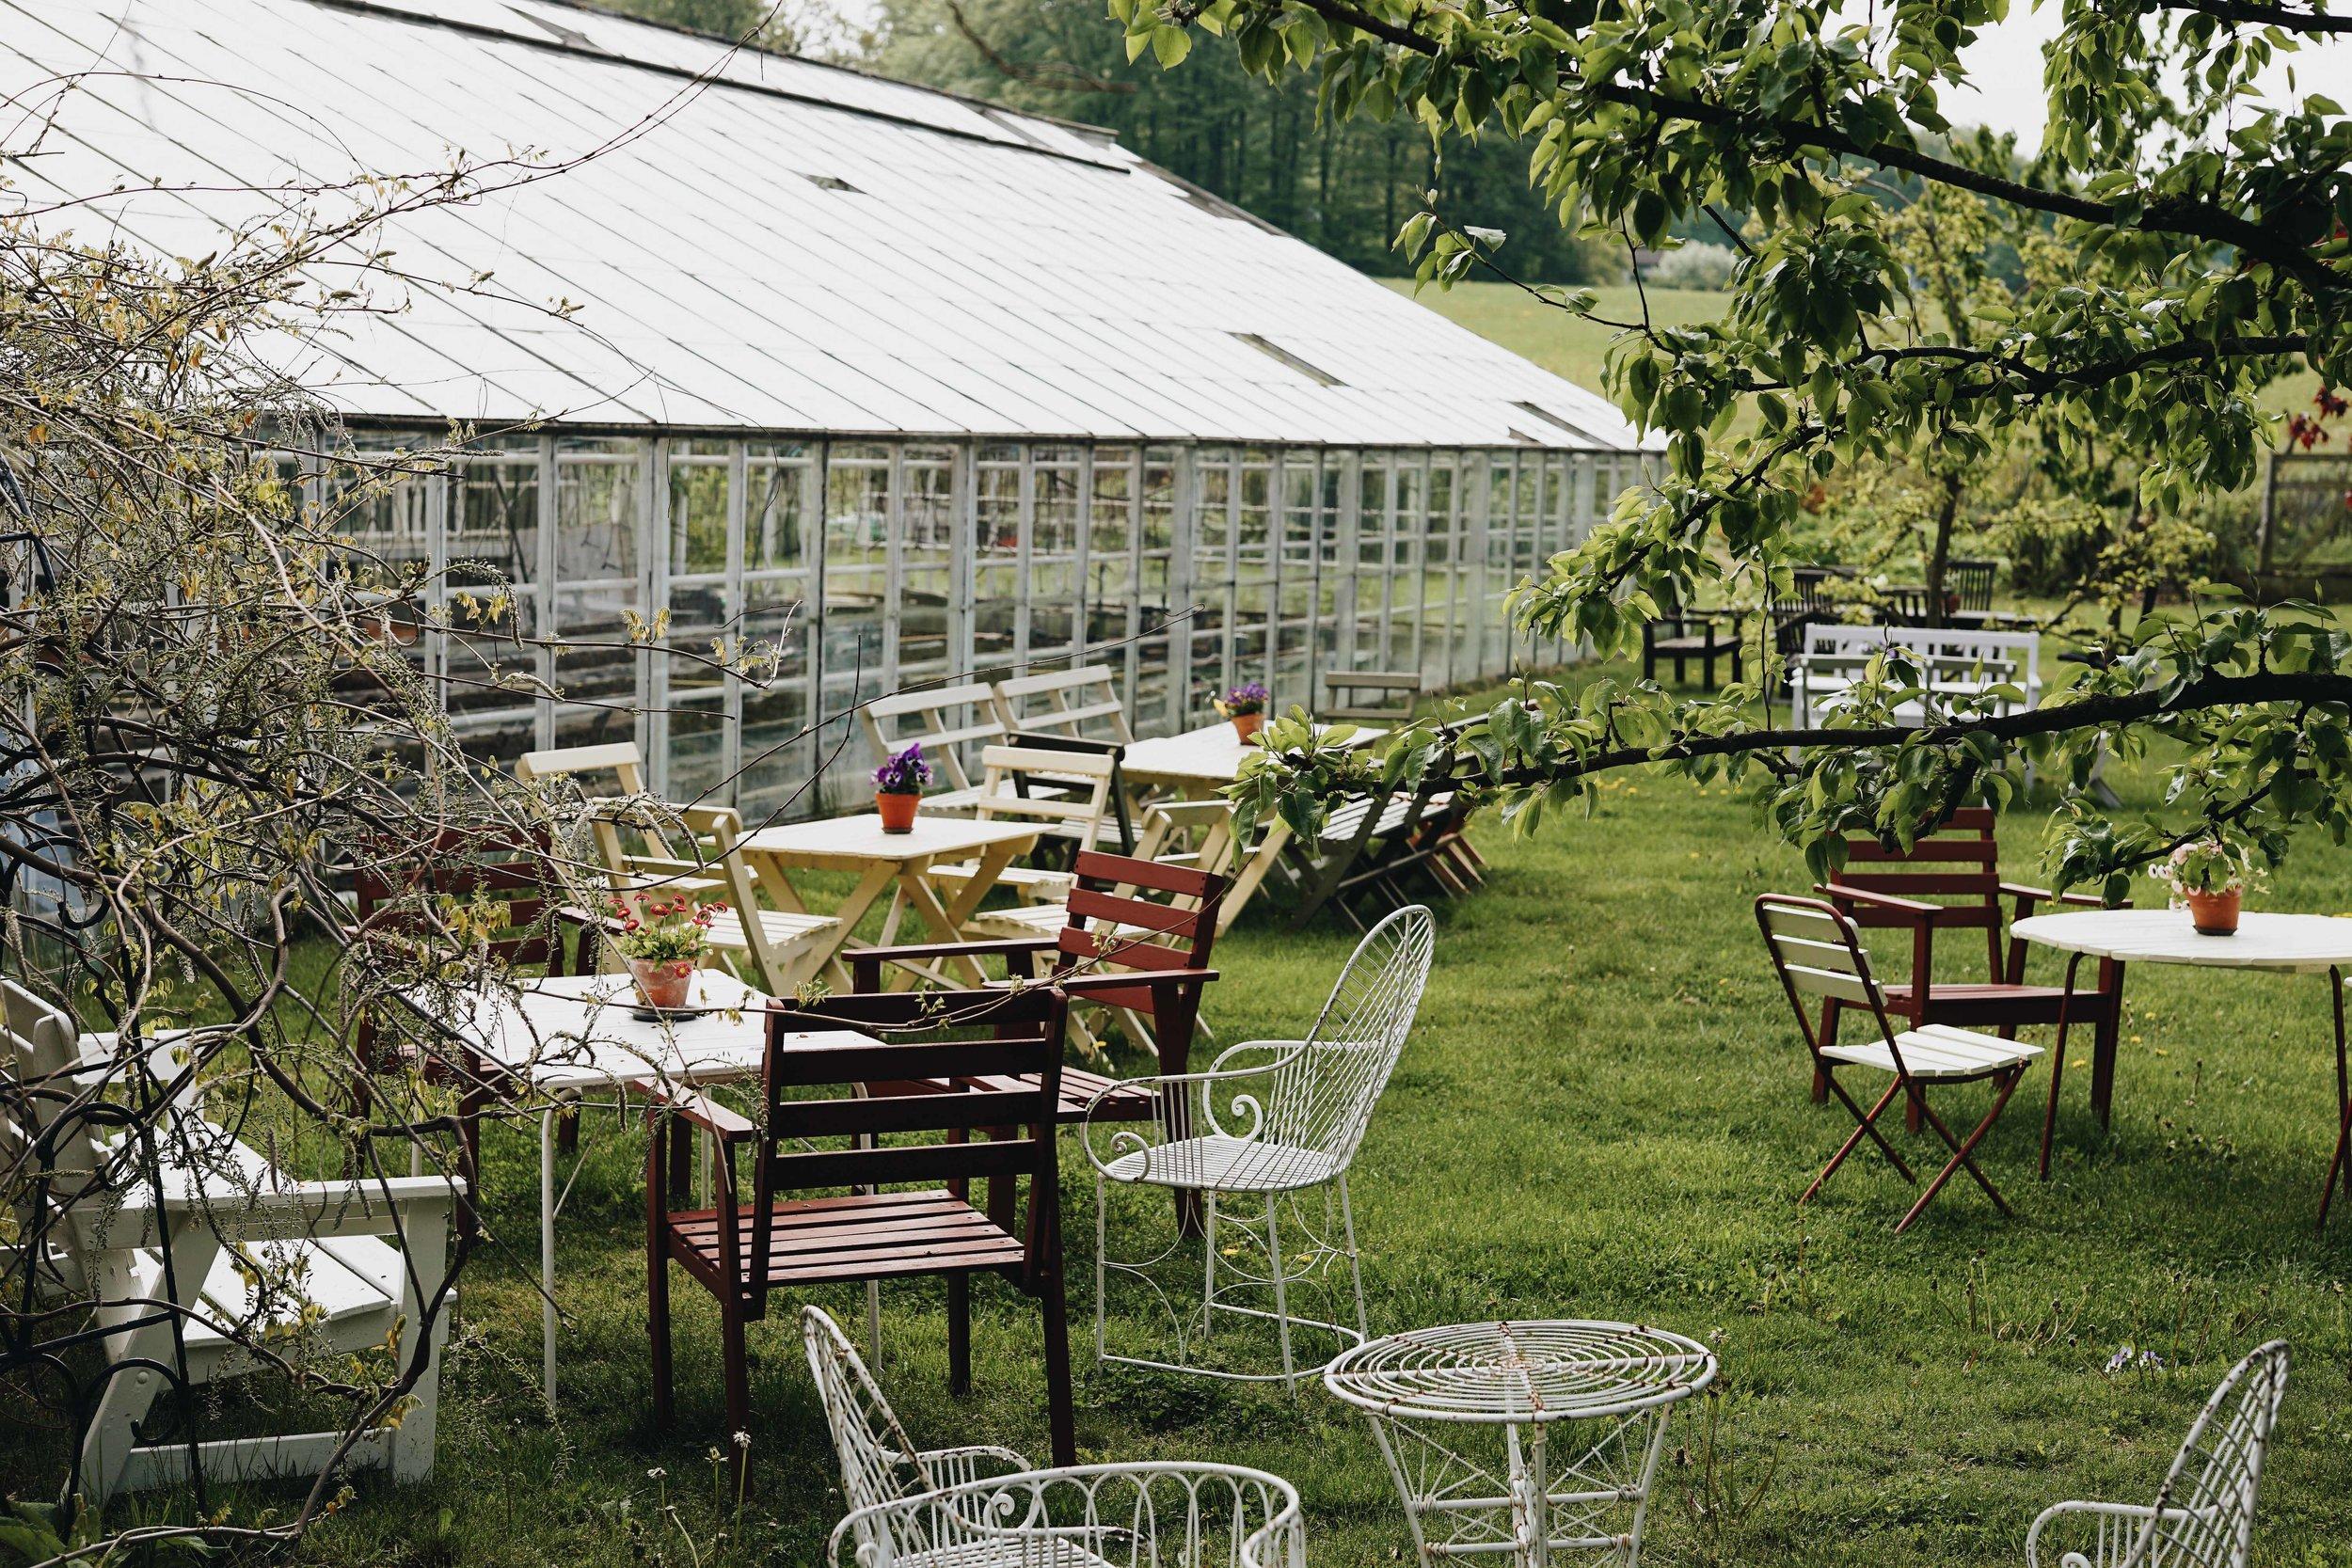 ASROSENVINGE_VisitSkane_Sweden_Backdalens_Handelstradgard_Garden_LowRes-147.jpg